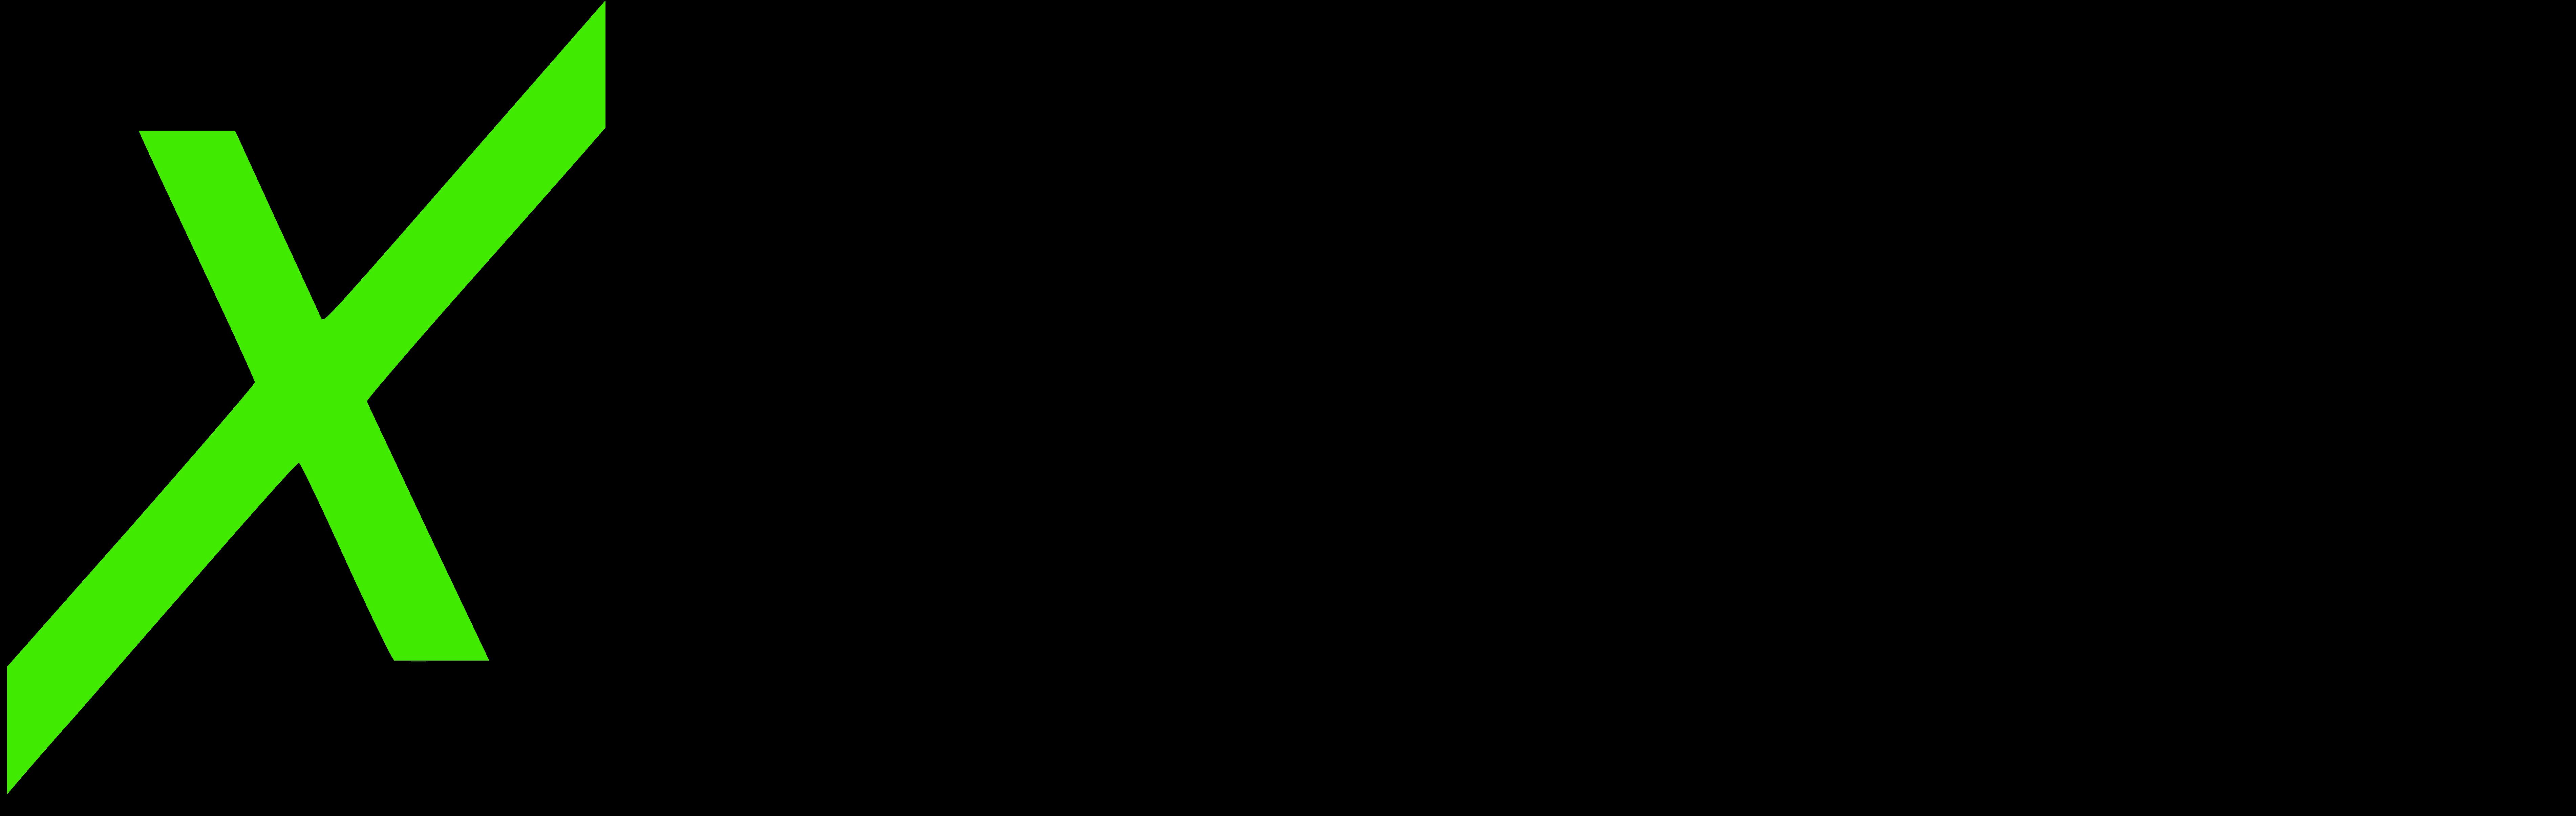 xader_logo